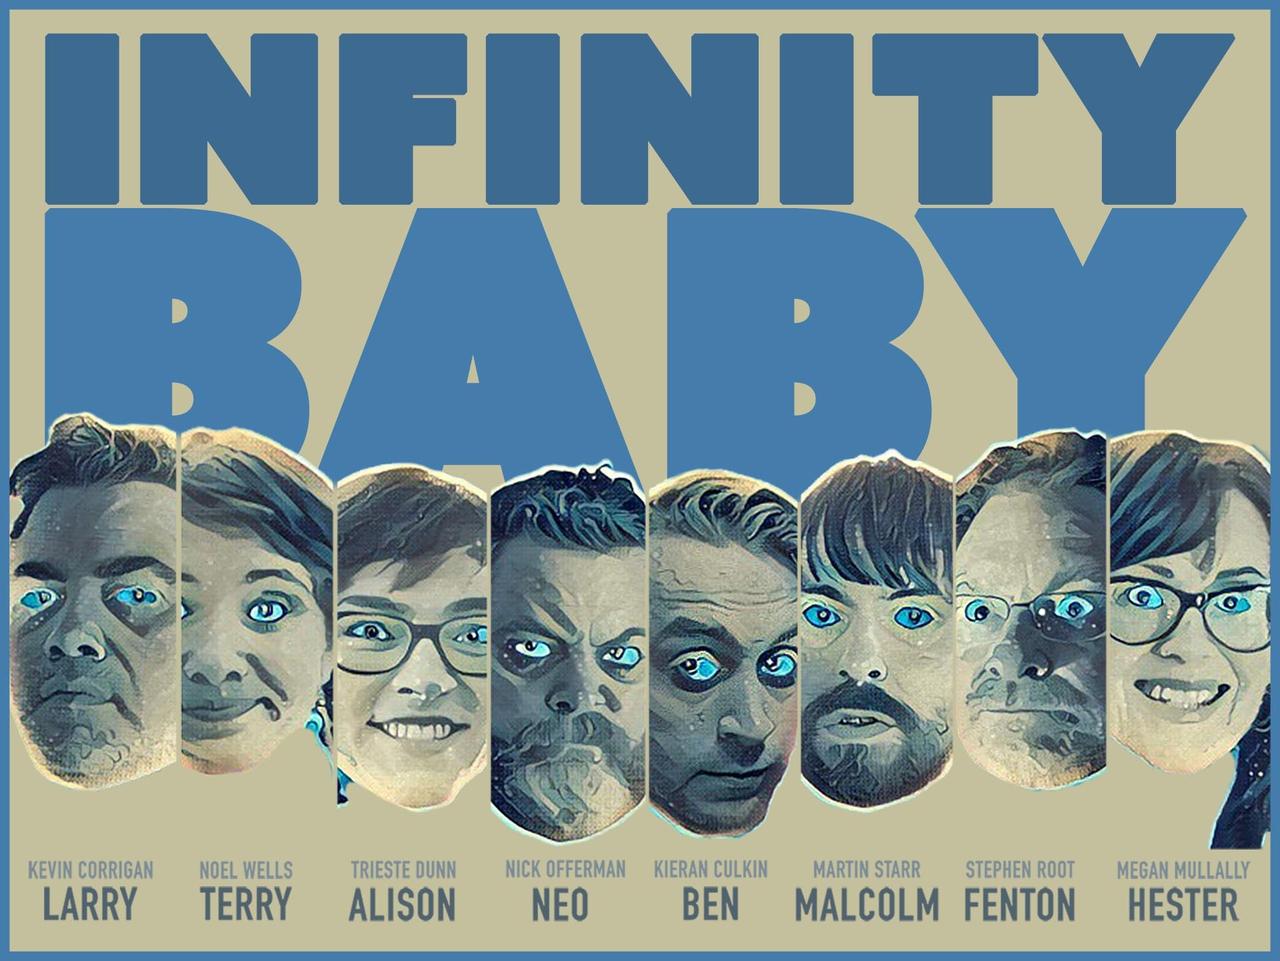 نیک آفرمن در صحنه فیلم سینمایی Infinity Baby به همراه مگان مولالی، کوین کوریگان، استیون روت، Trieste Kelly Dunn، Kieran Culkin، مارتین استار و Noël Wells